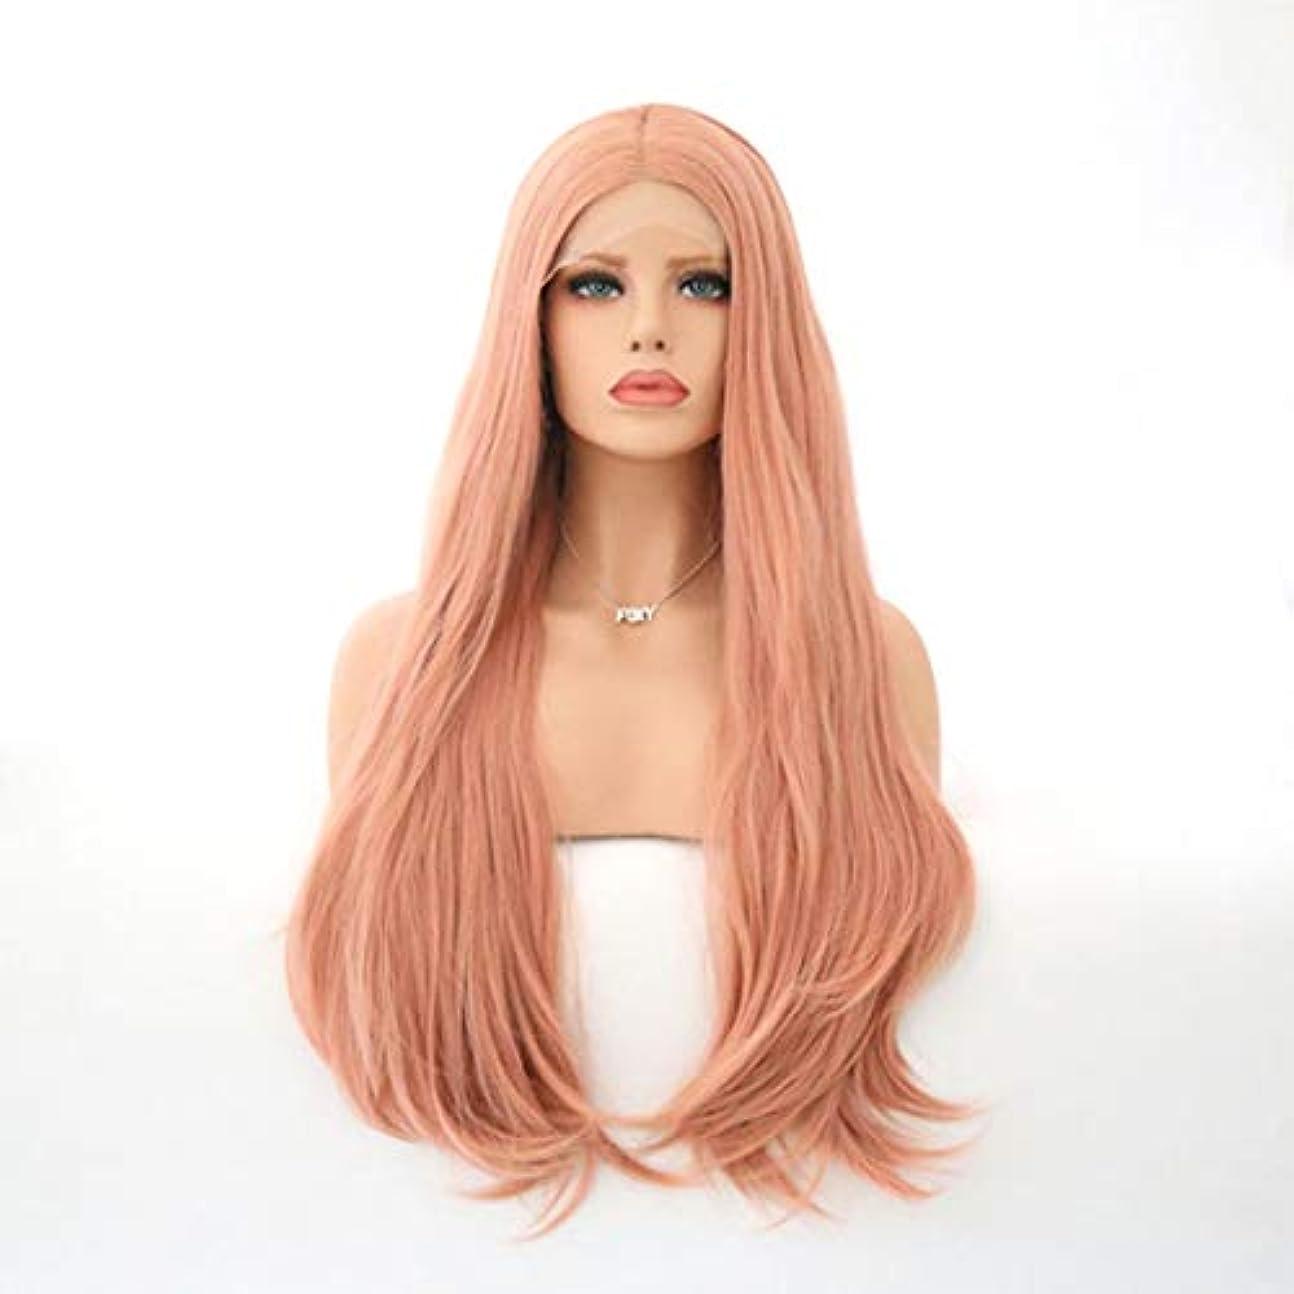 ヘクタール合成ロードハウスSummerys 女性のための自然な長い巻き毛のかつらの代わりとなるかつら合成繊維の毛髪のかつら